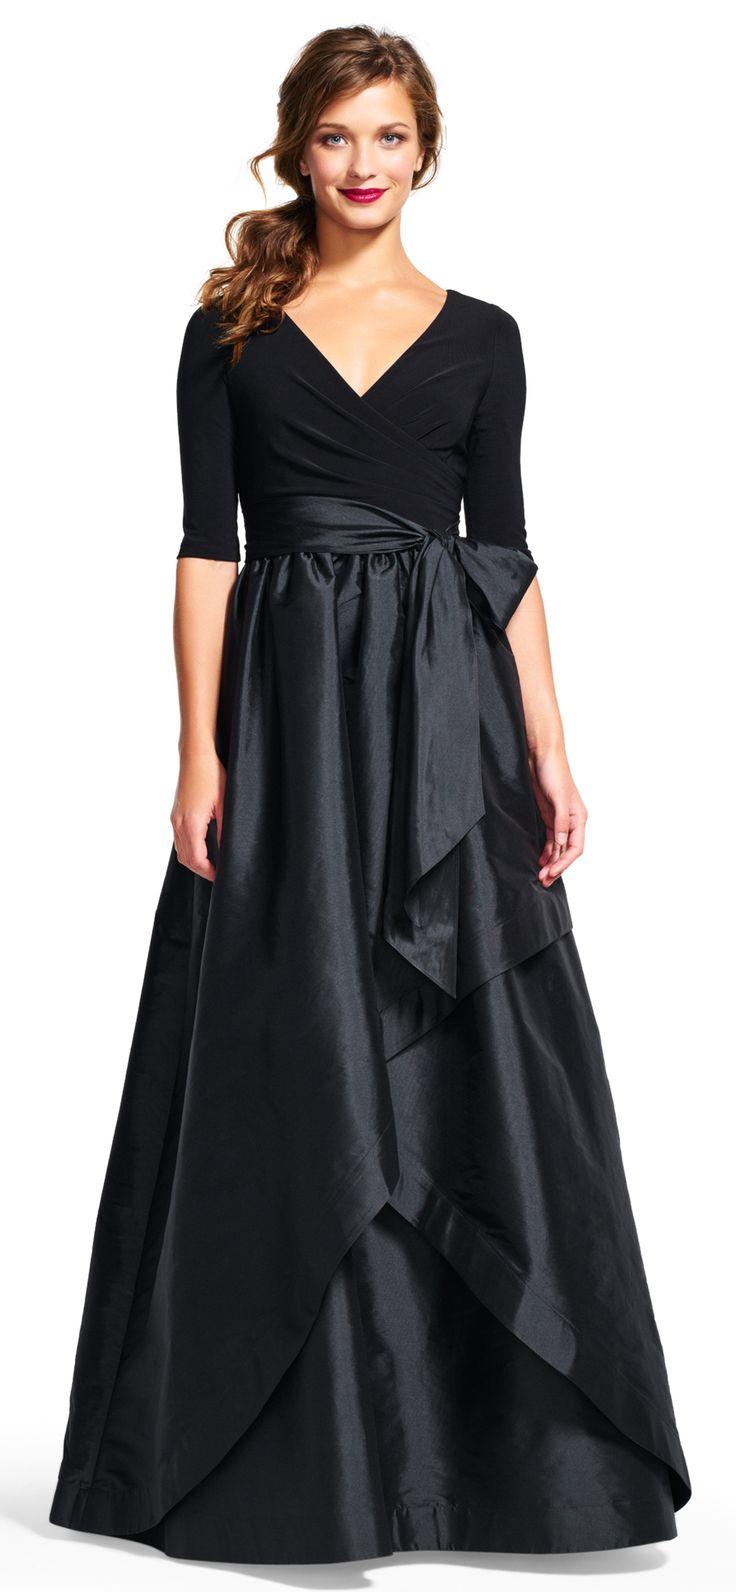 Best 20  Ball skirt ideas on Pinterest | Full skirt outfit, Long ...